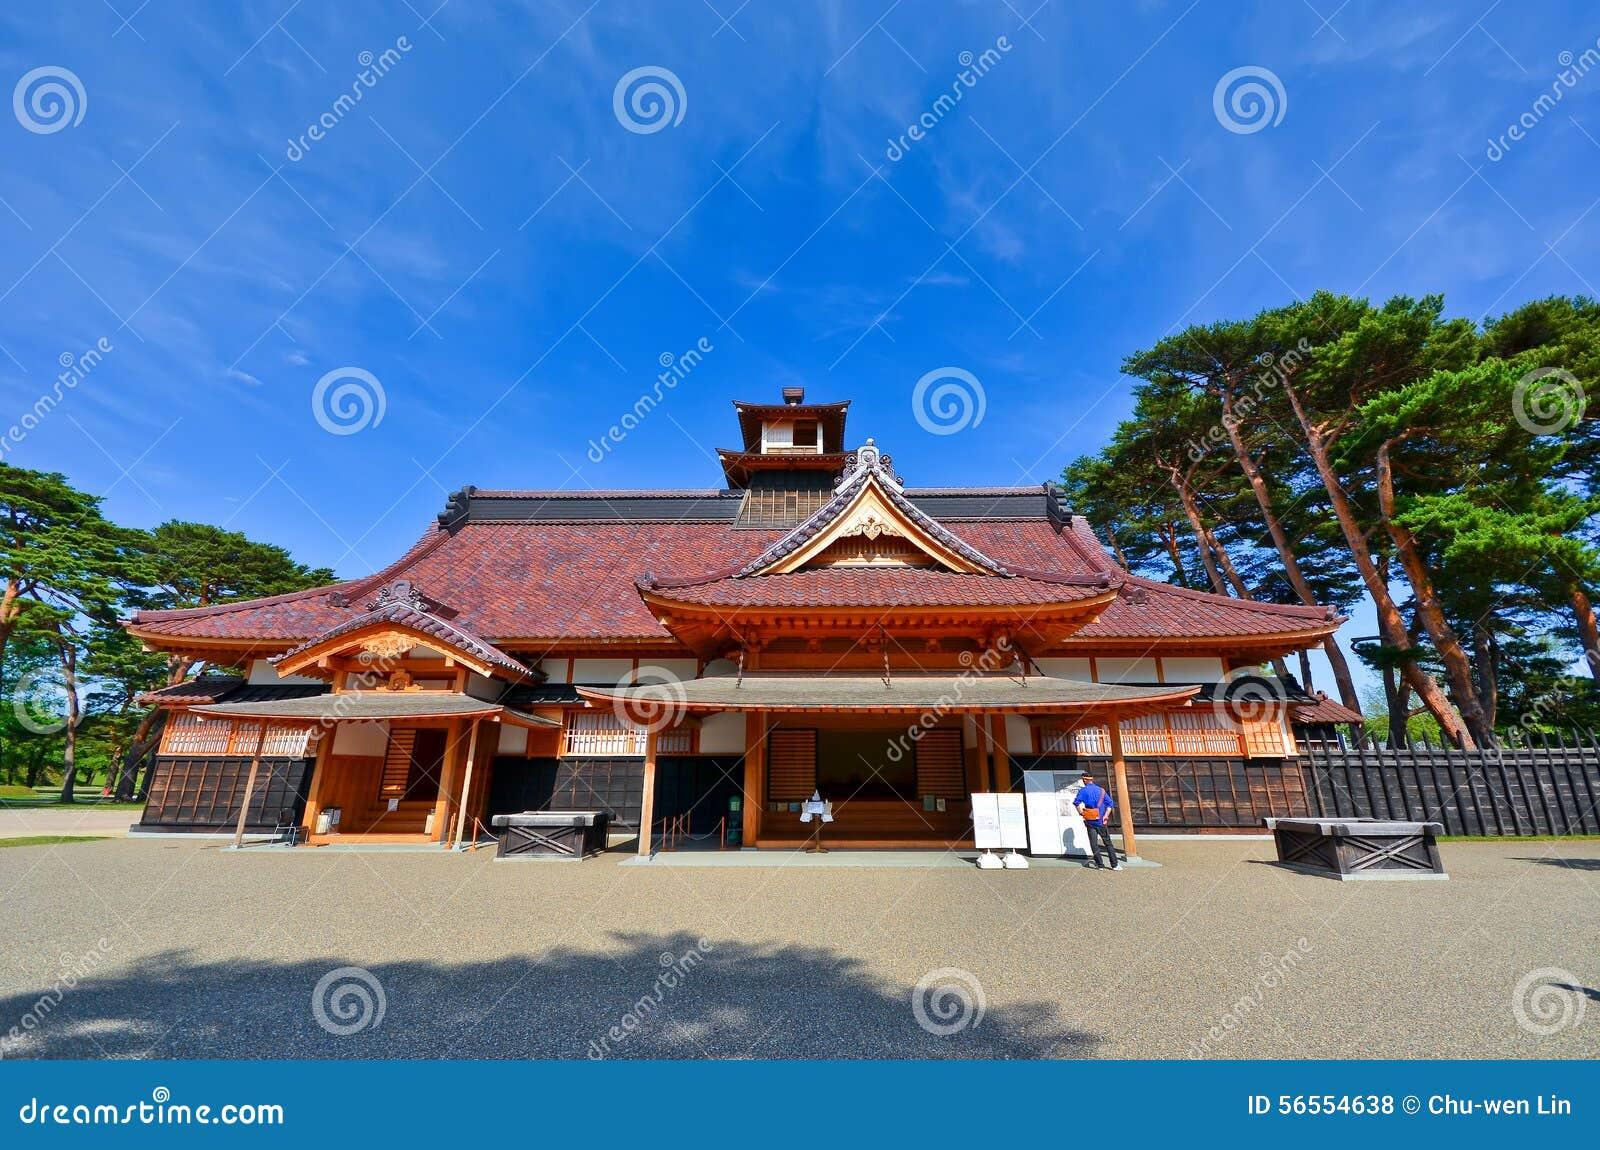 Download Ιαπωνικός ναός το καλοκαίρι Στοκ Εικόνες - εικόνα από περισυλλογή, ιστορία: 56554638